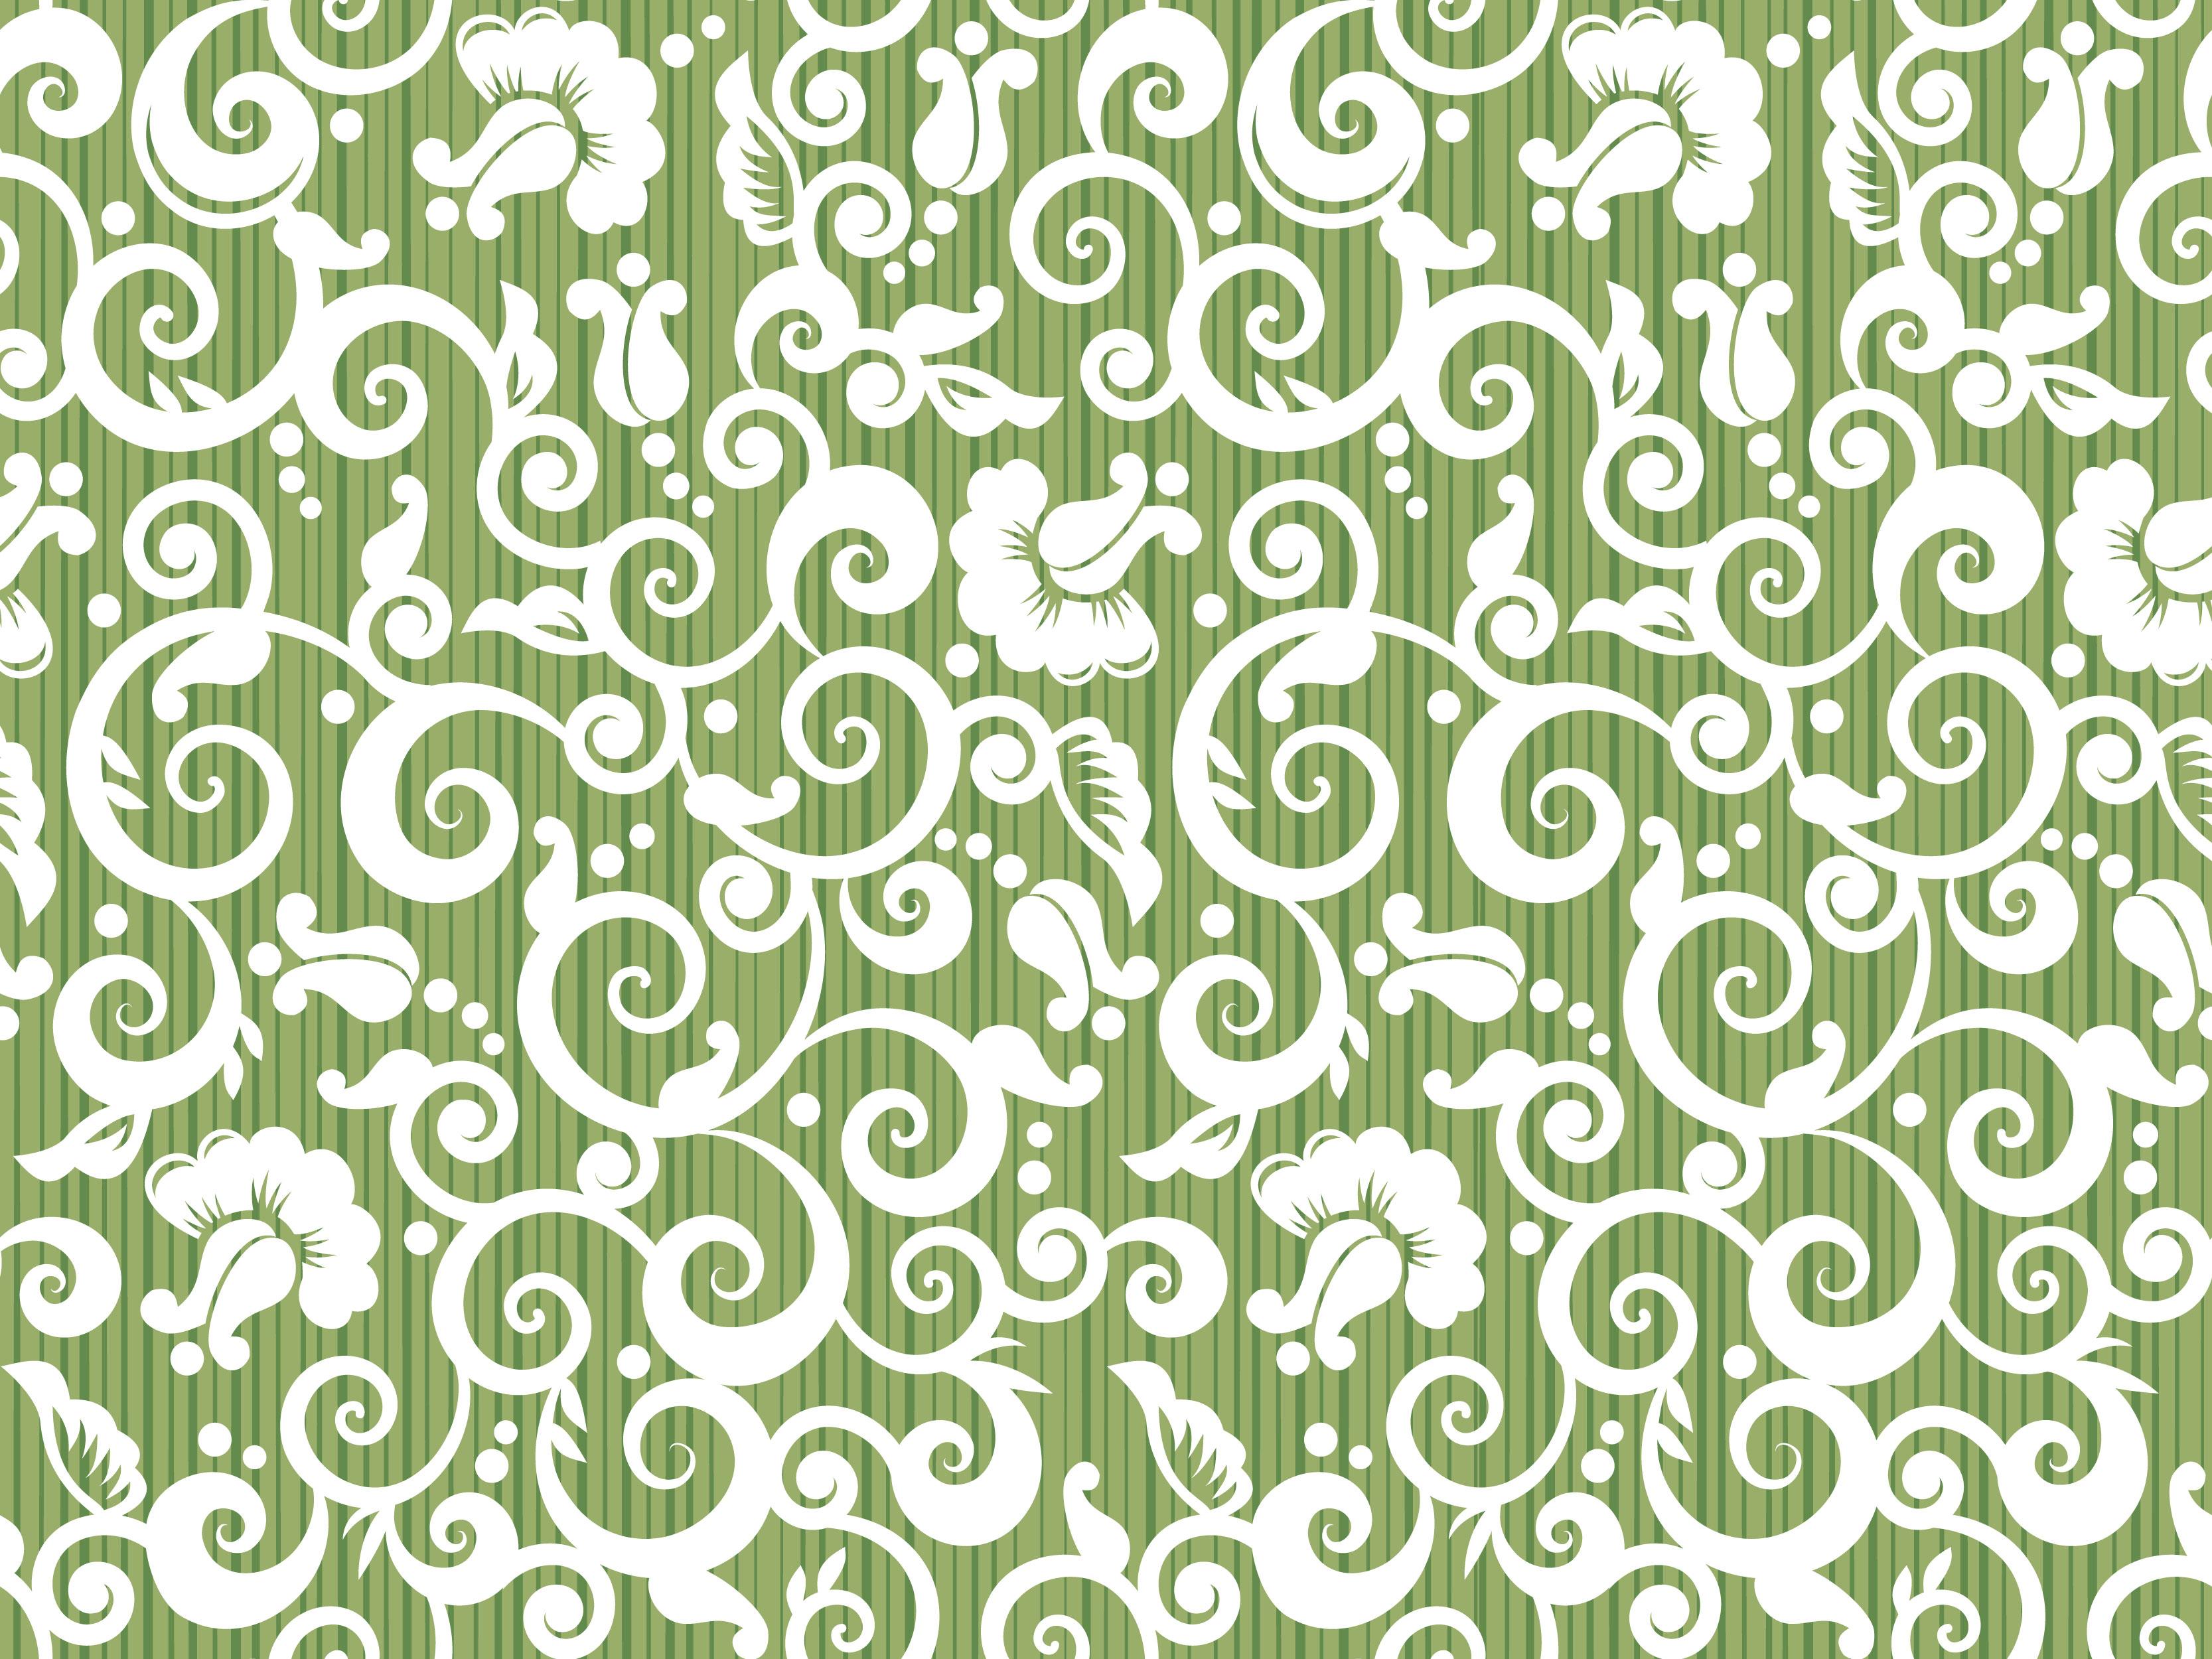 壁紙・背景イラスト/花の模様・柄・パターン No.025『唐草模様・つる・縦縞』